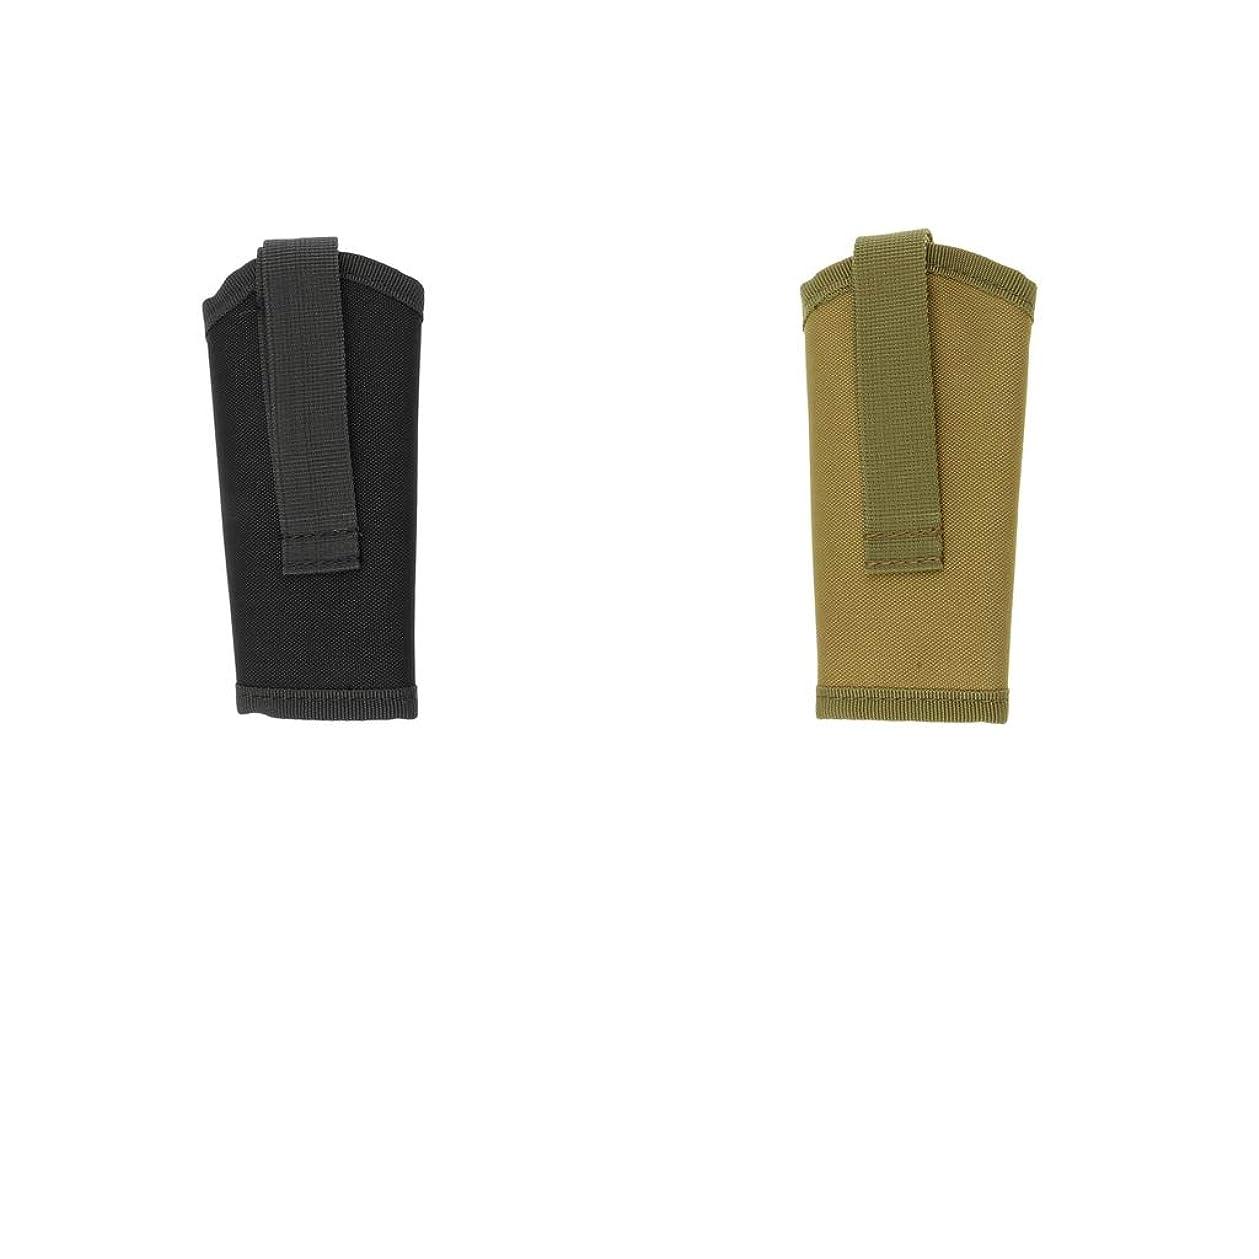 一人で叫び声役割Perfk キーポーチ キーホルダー サイレント 鍵保持 600Dナイロン バックル 2点入